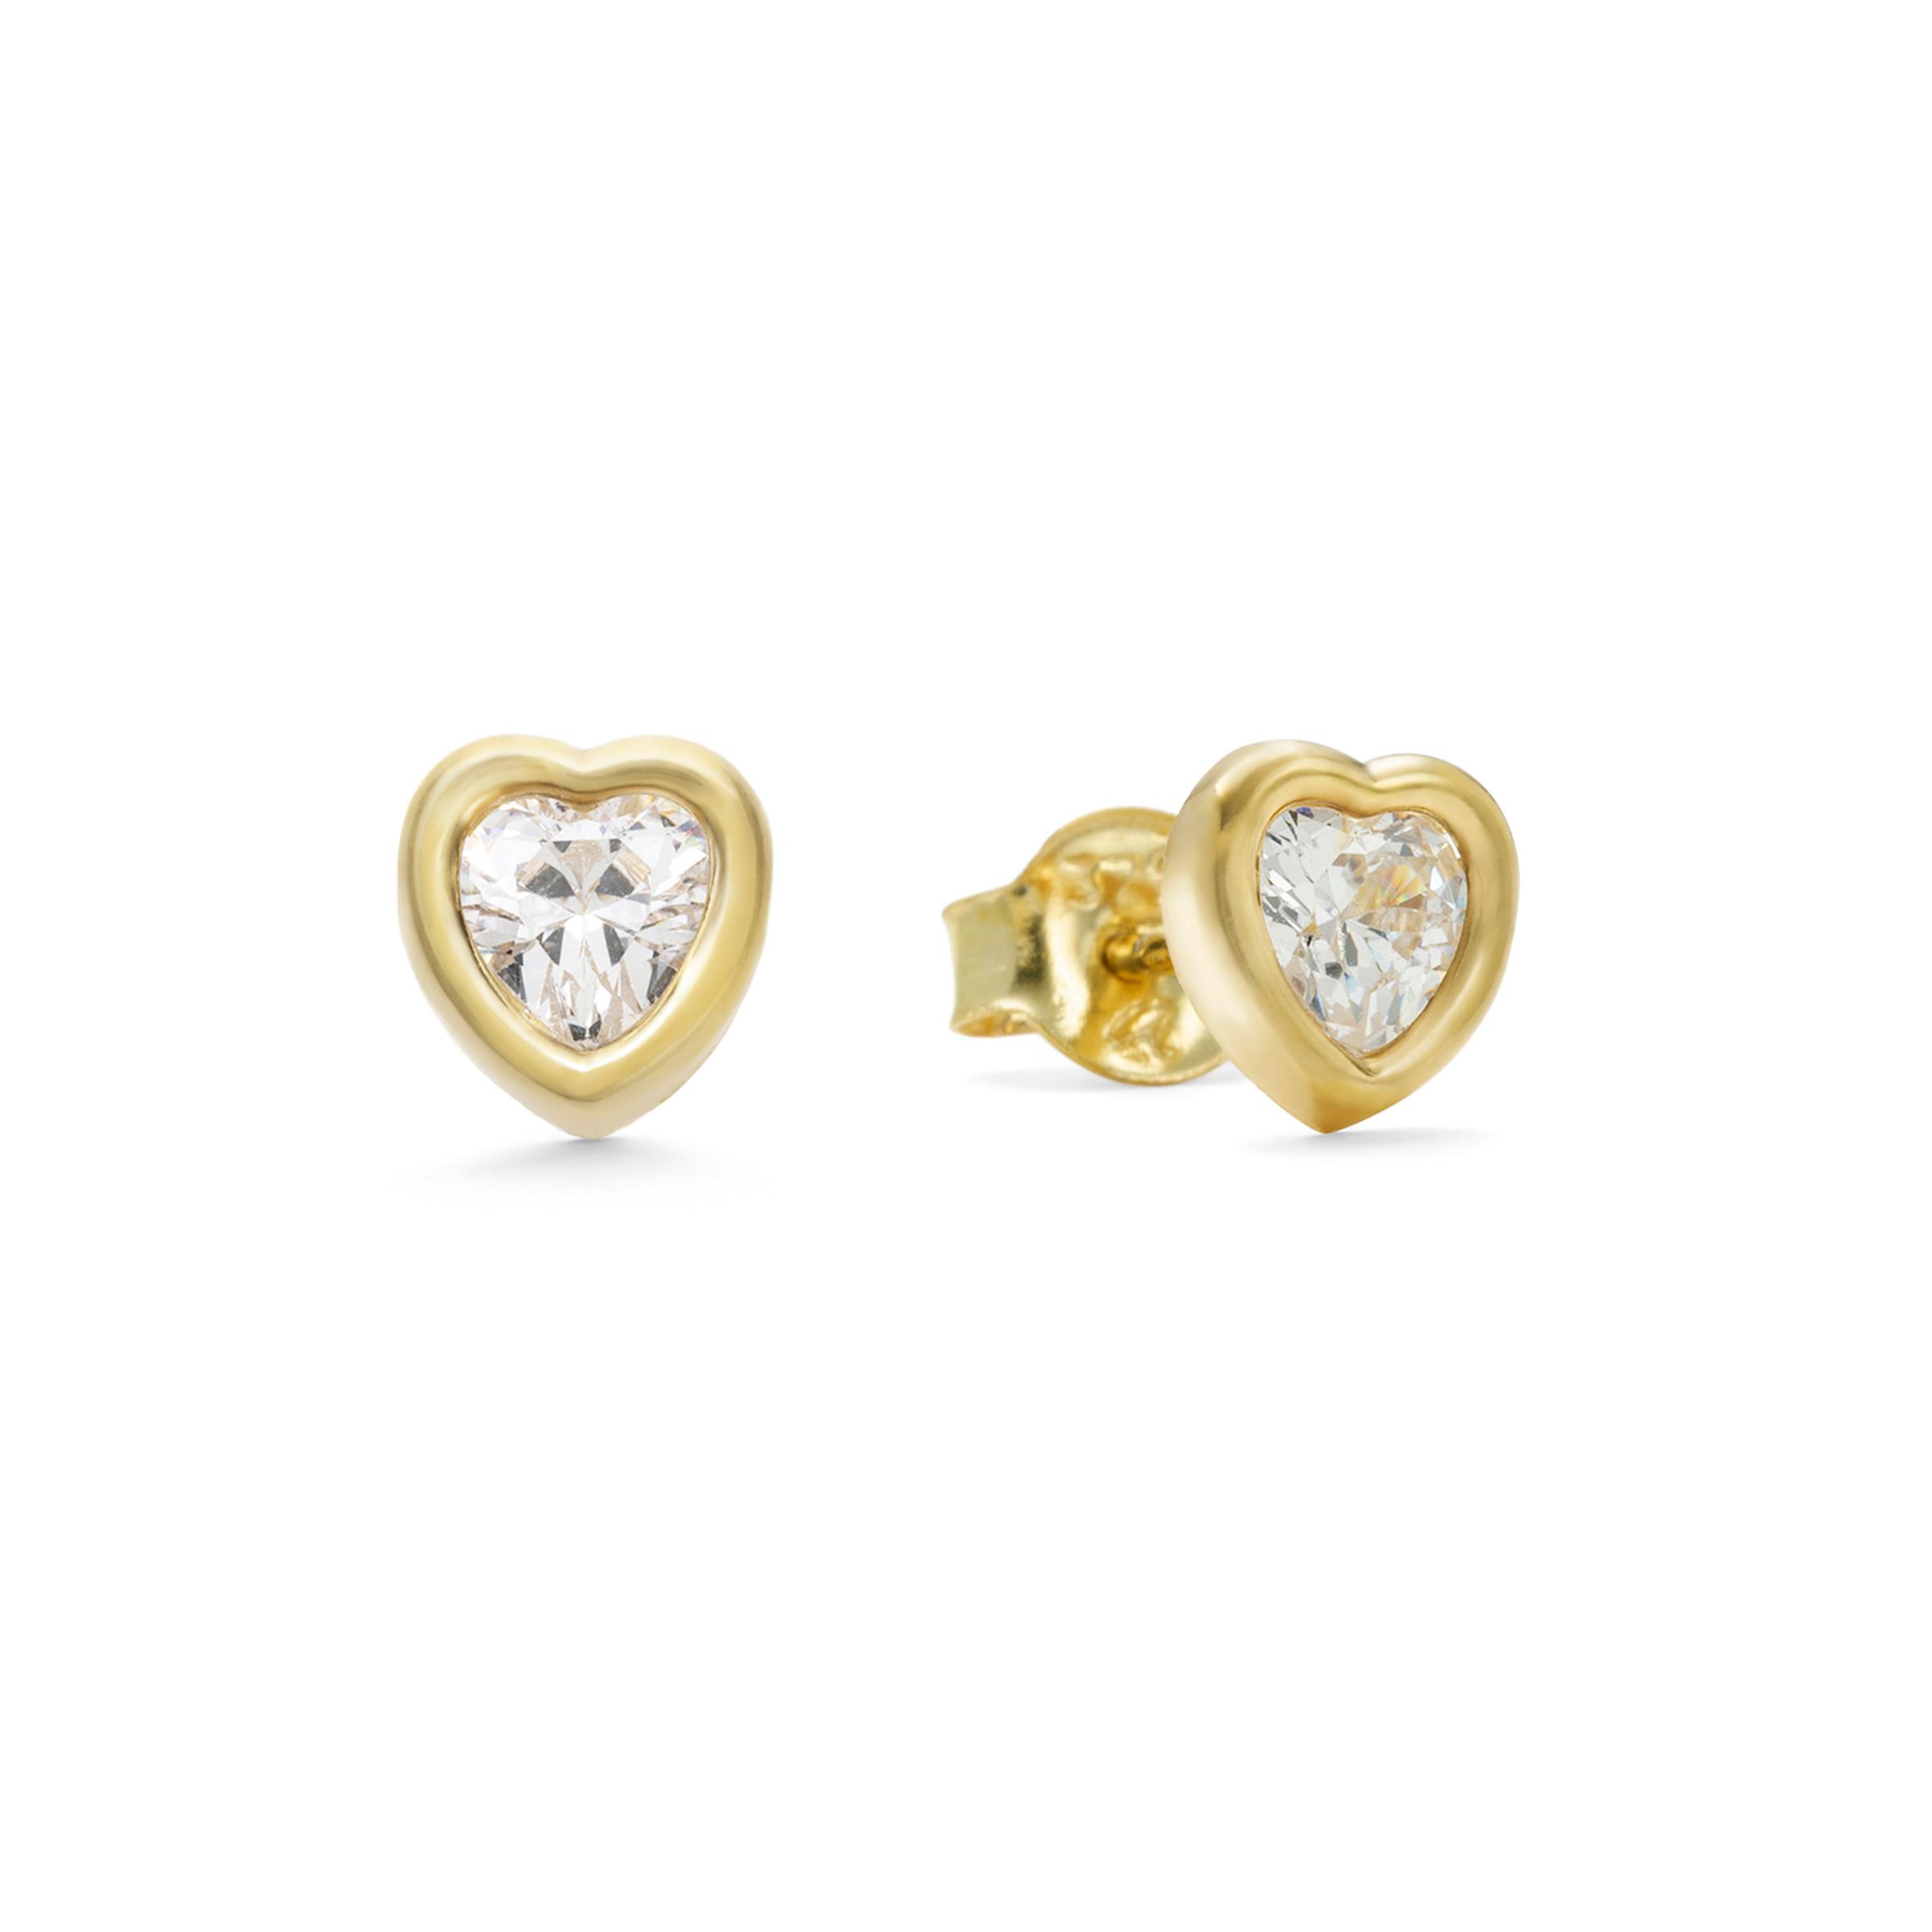 Ohrstecker für Damen, Gold 375, Zirkonia Herz